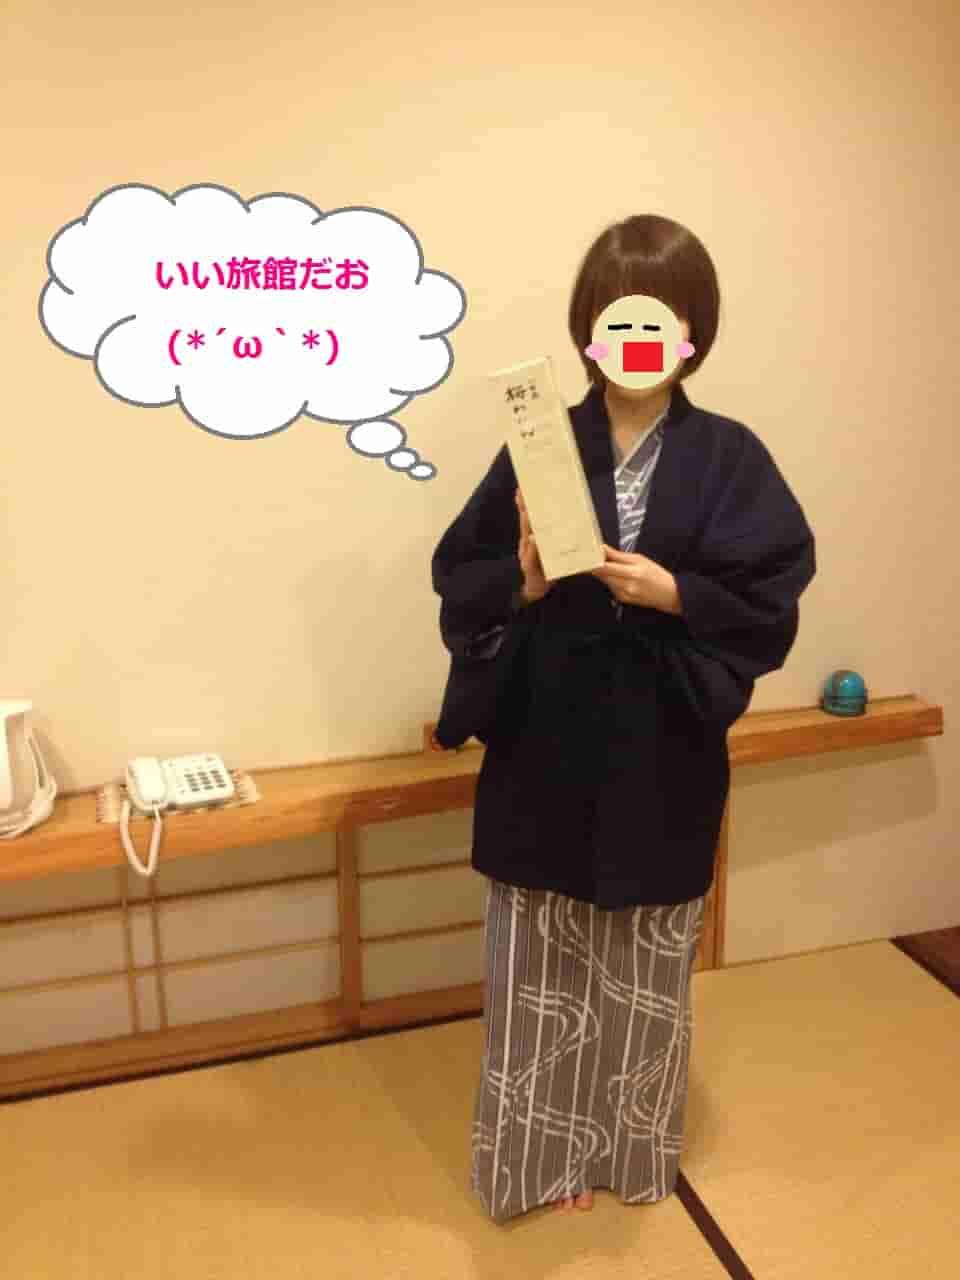 旅行いい旅館-min (1)